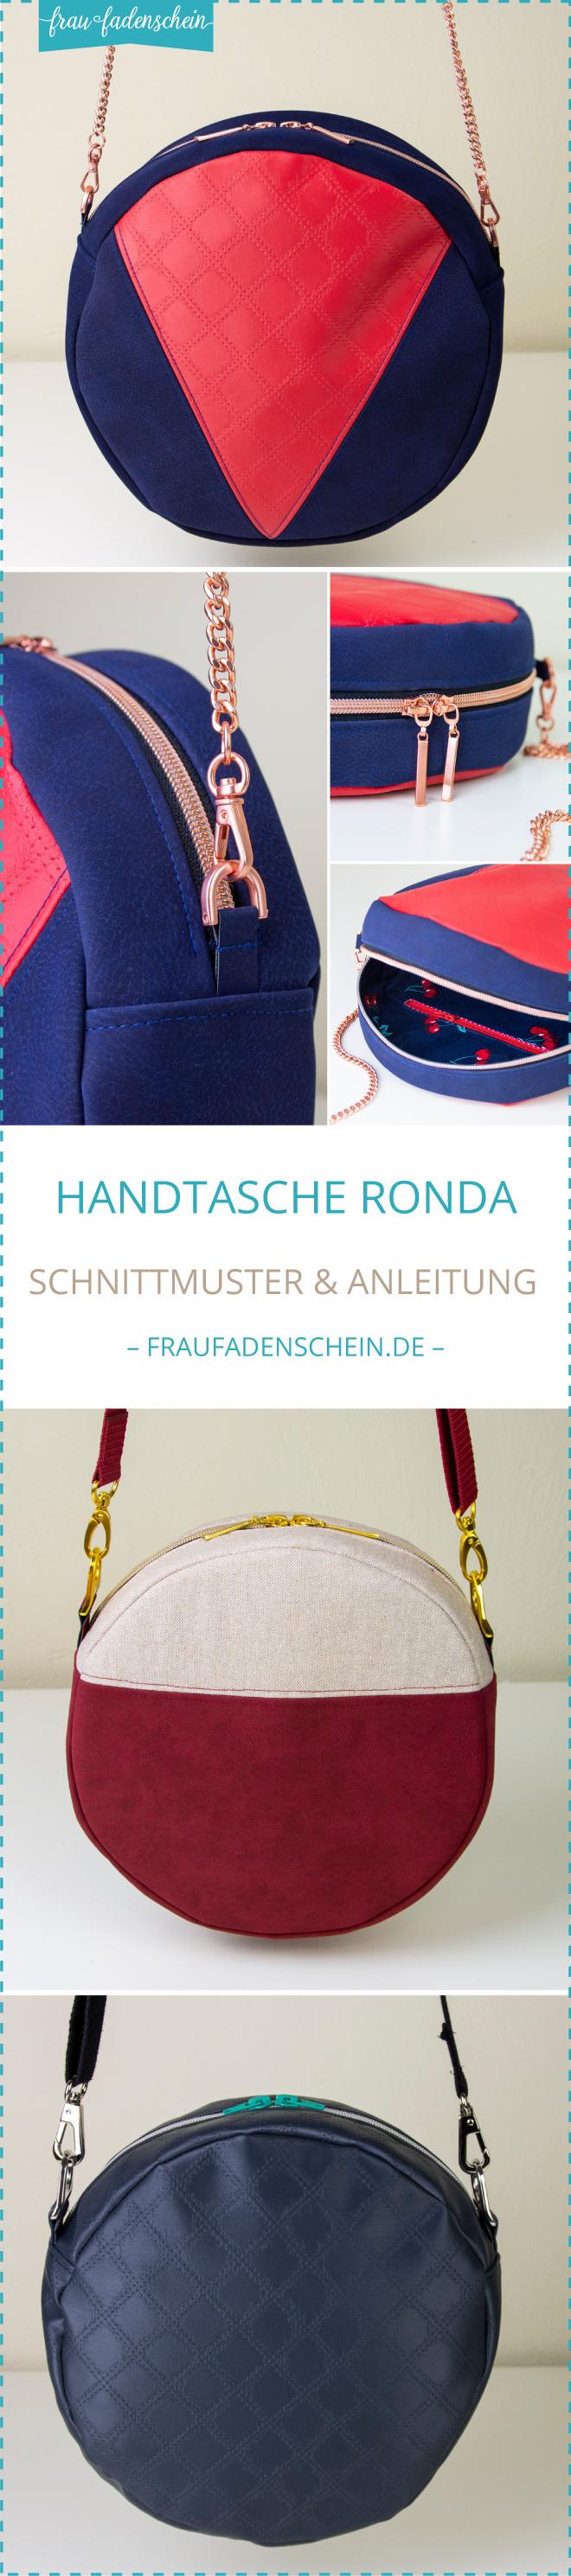 Schnittmuster & Nähanleitung: Handtasche Ronda